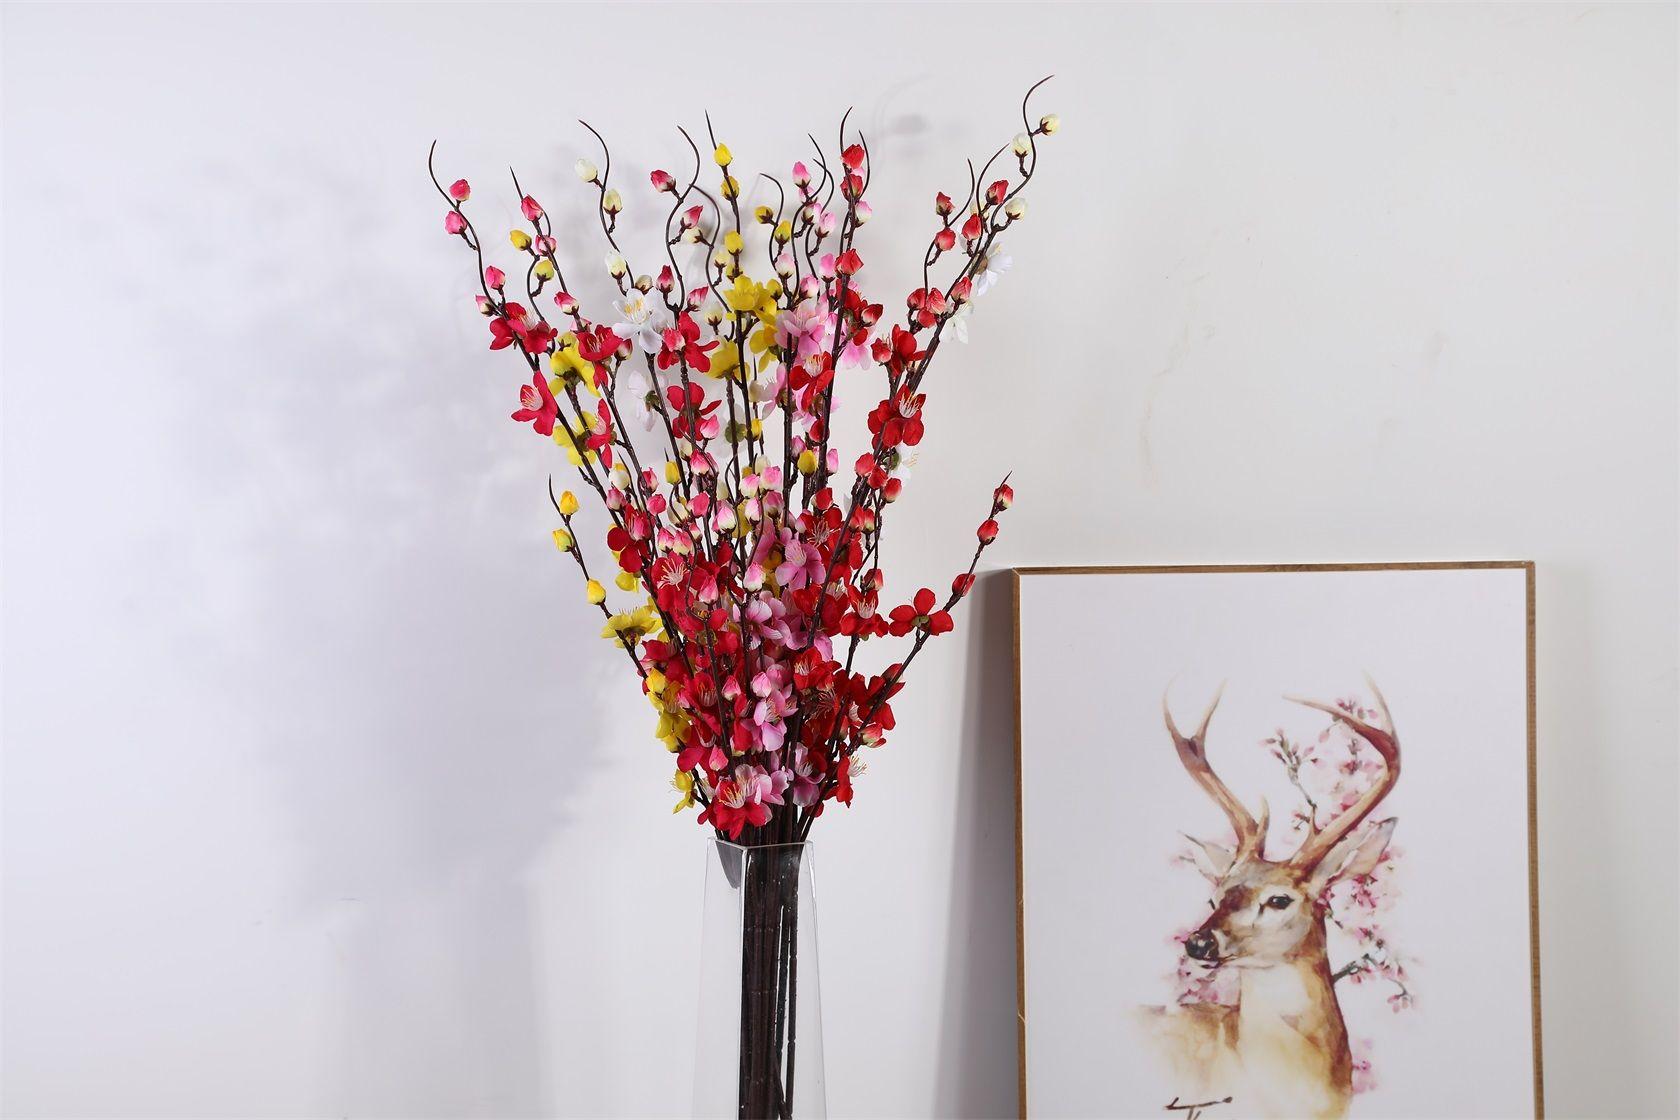 中式腊梅花日式樱花仿真花婚庆家居墙摄影布景 跨境假花一件代发